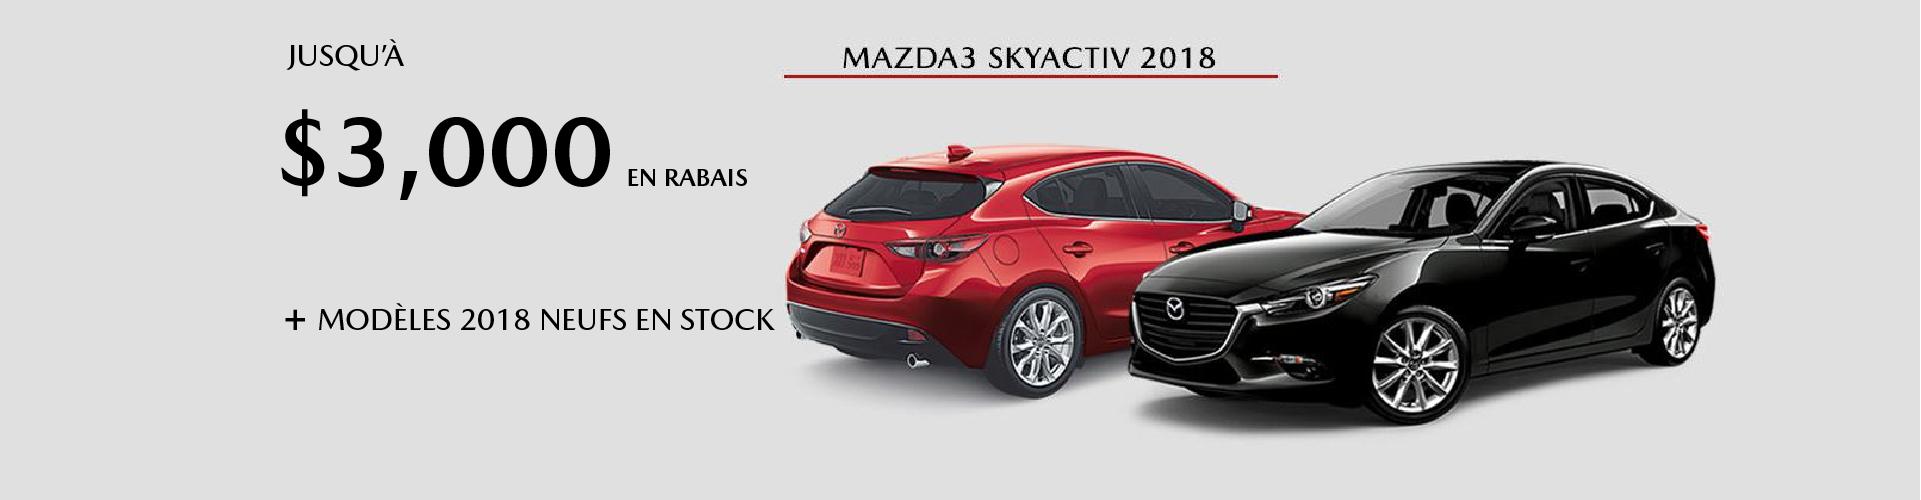 Mazda3 Skyactiv 2018